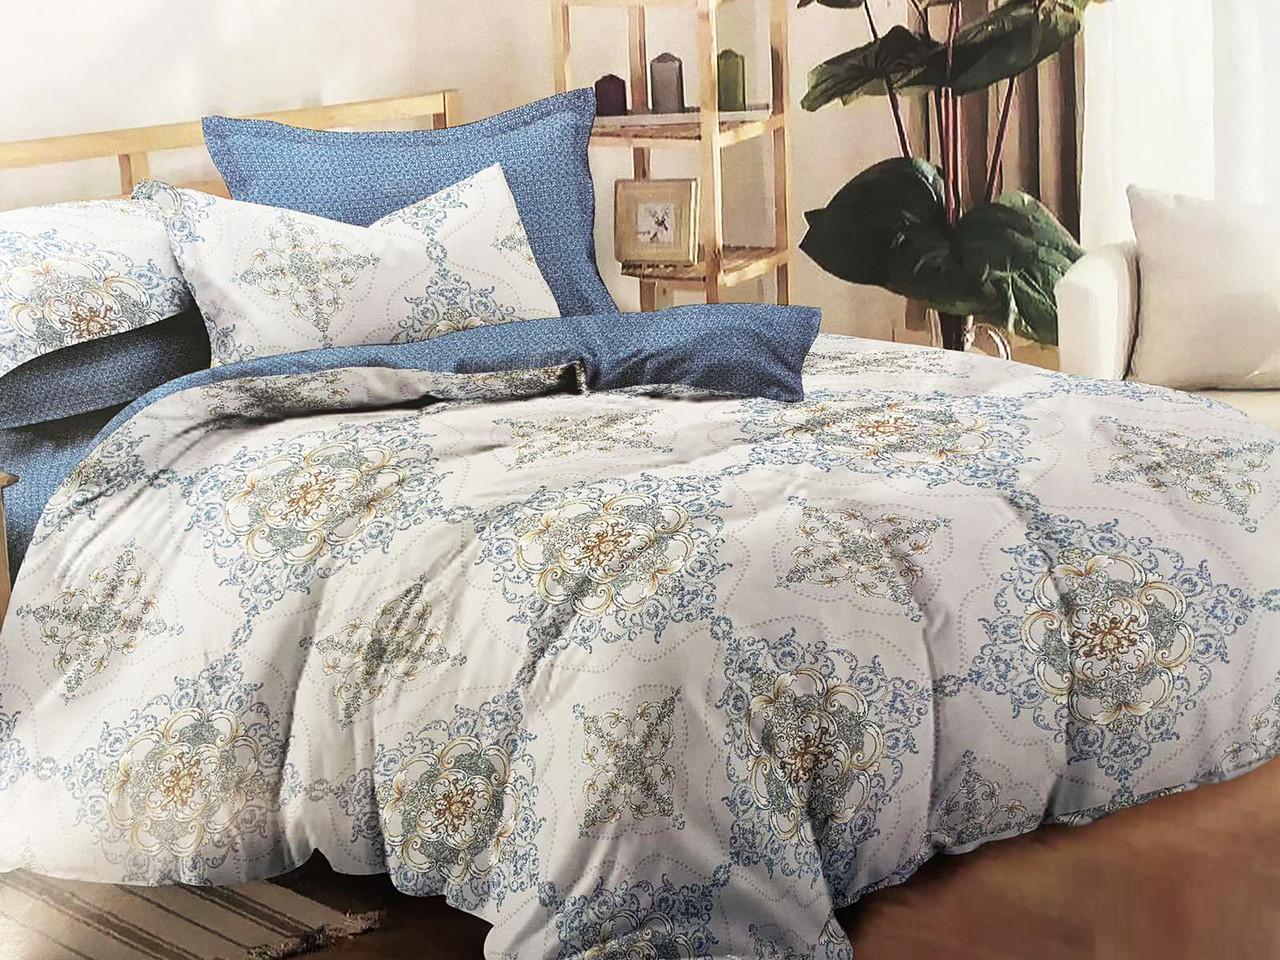 Двуспальный комплект постельного белья 180*220 сатин (14661) TM КРИСПОЛ Украина